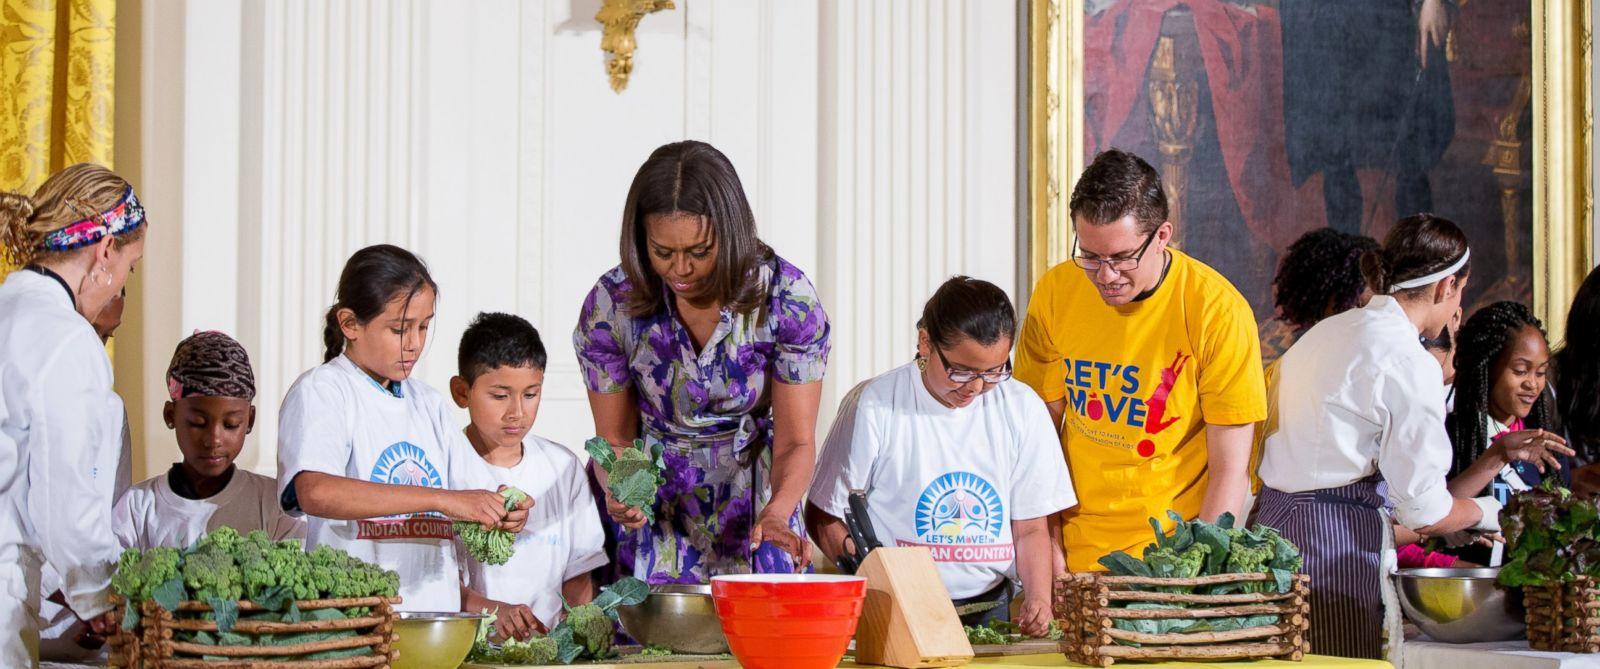 Michelle Obama Kitchen Garden Michelle Obamas White House Kitchen Garden Includes A Vegetable